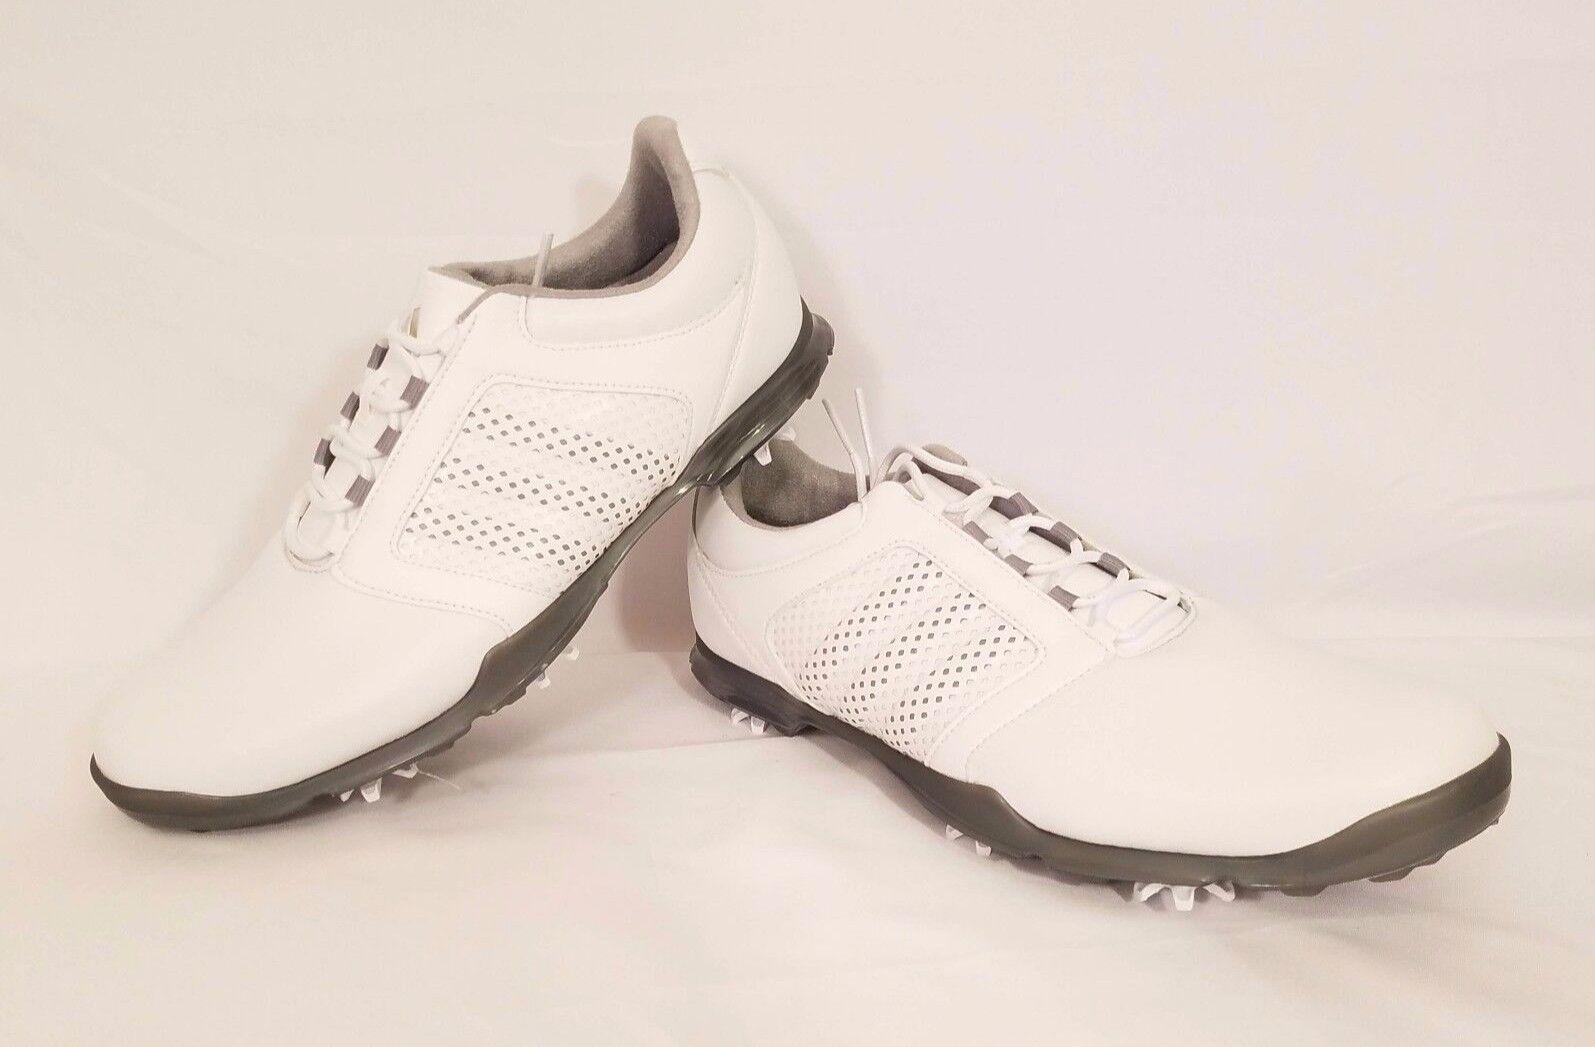 Adidas Adipure Tour Women's Golf Shoe White, Light Onyx, Iron Metallic Sz 9.5 Q